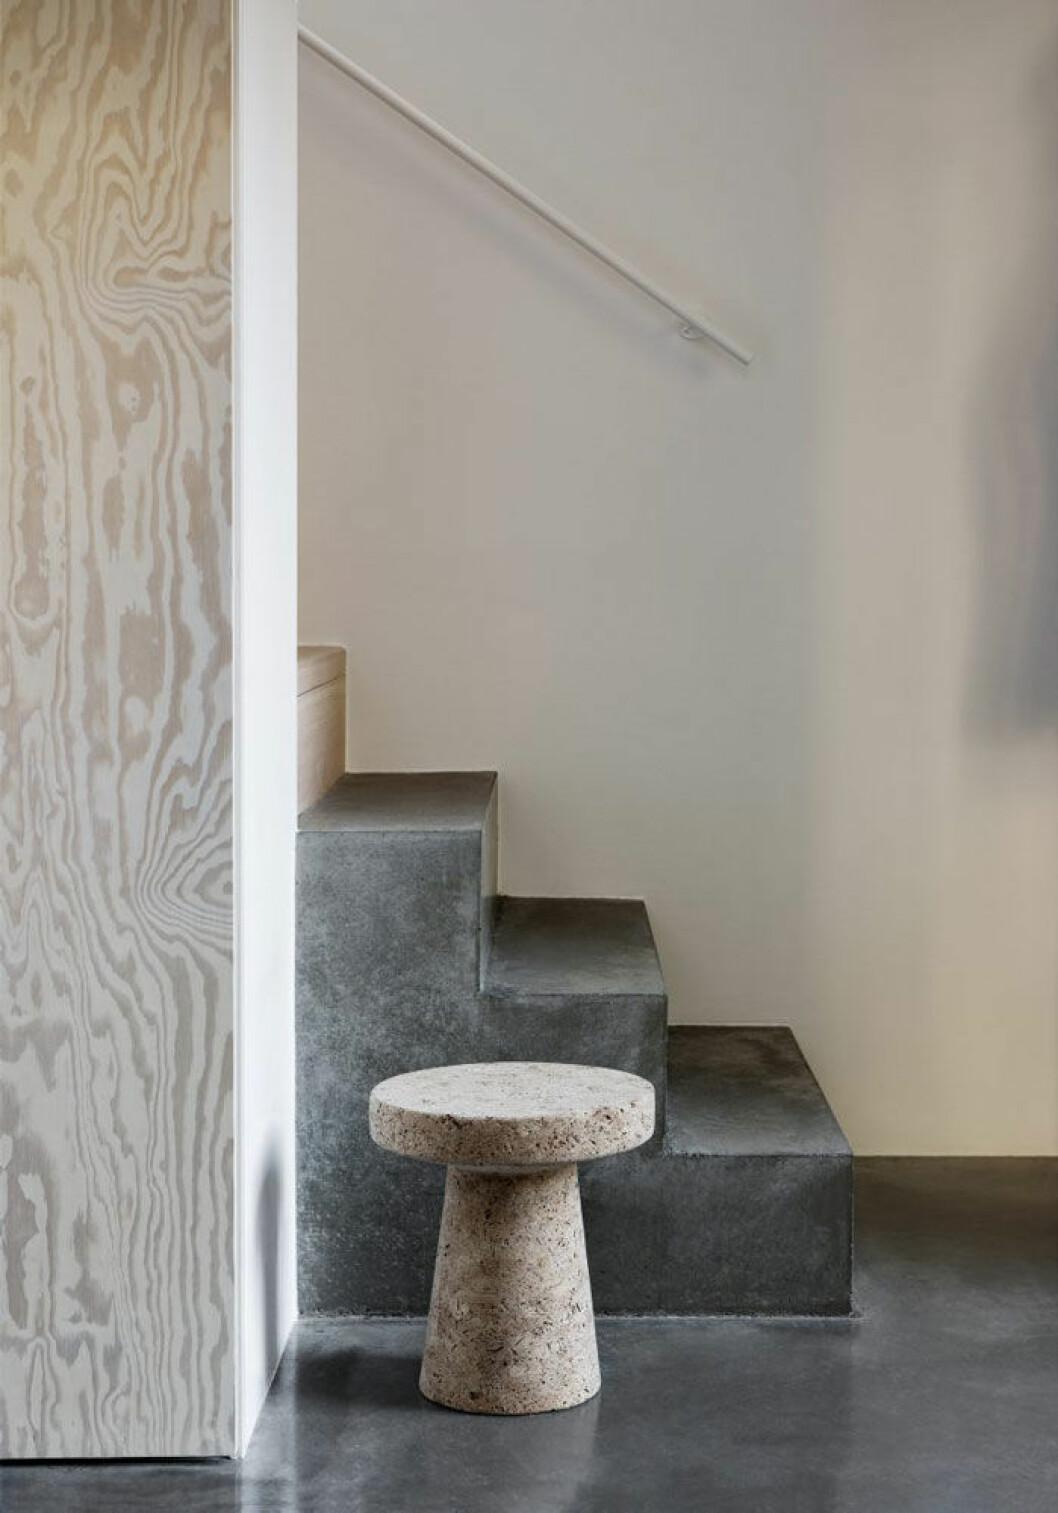 Den varma grå nyansen på betongen i kombination med plywooden gör att det nyrenoverade huset känns varmt och välkomnande.